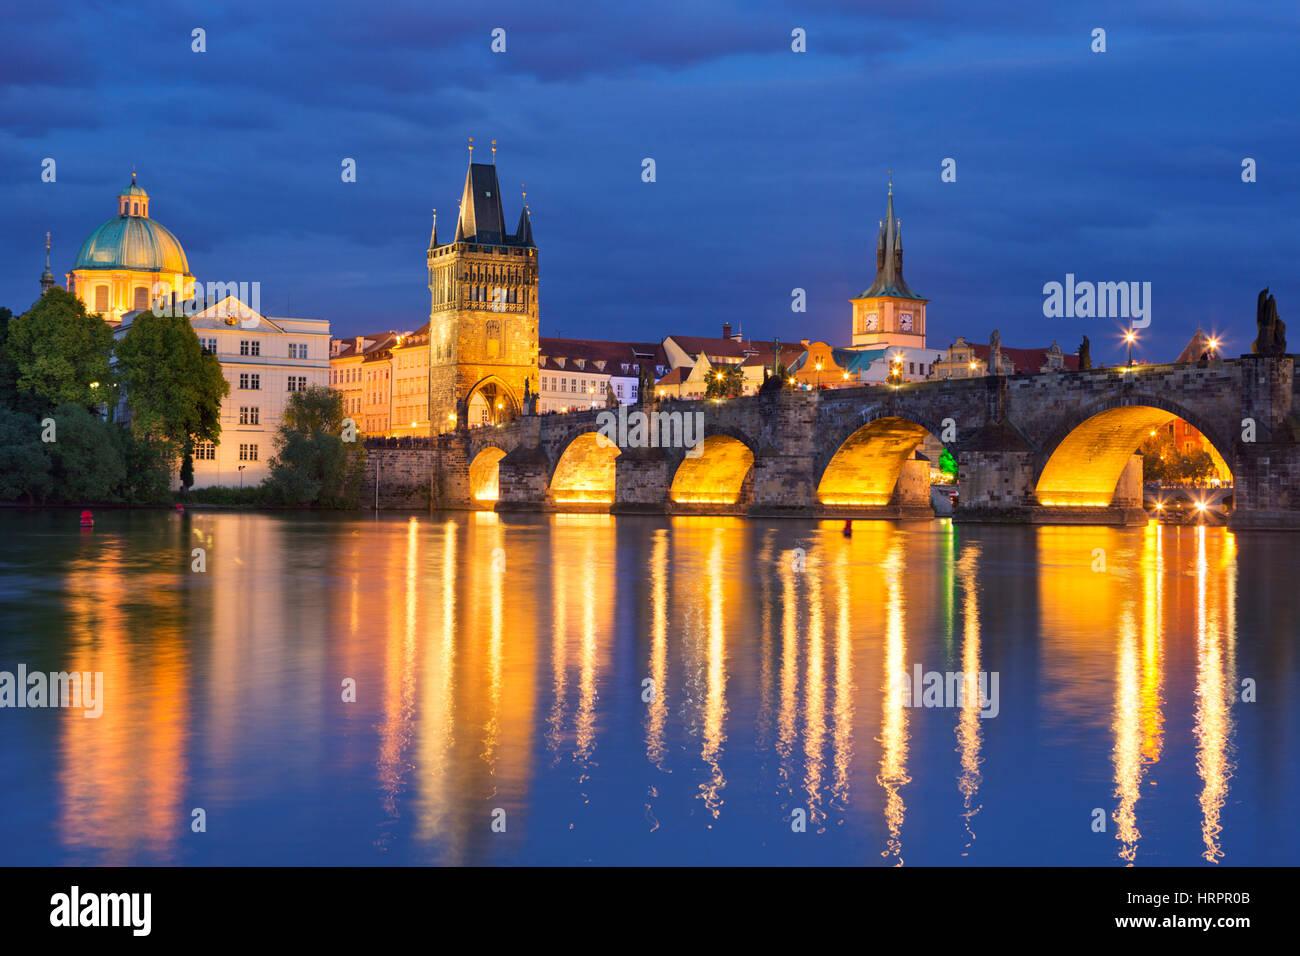 Le Pont Charles sur la Vltava à Prague, République tchèque, photographiés de nuit. Photo Stock